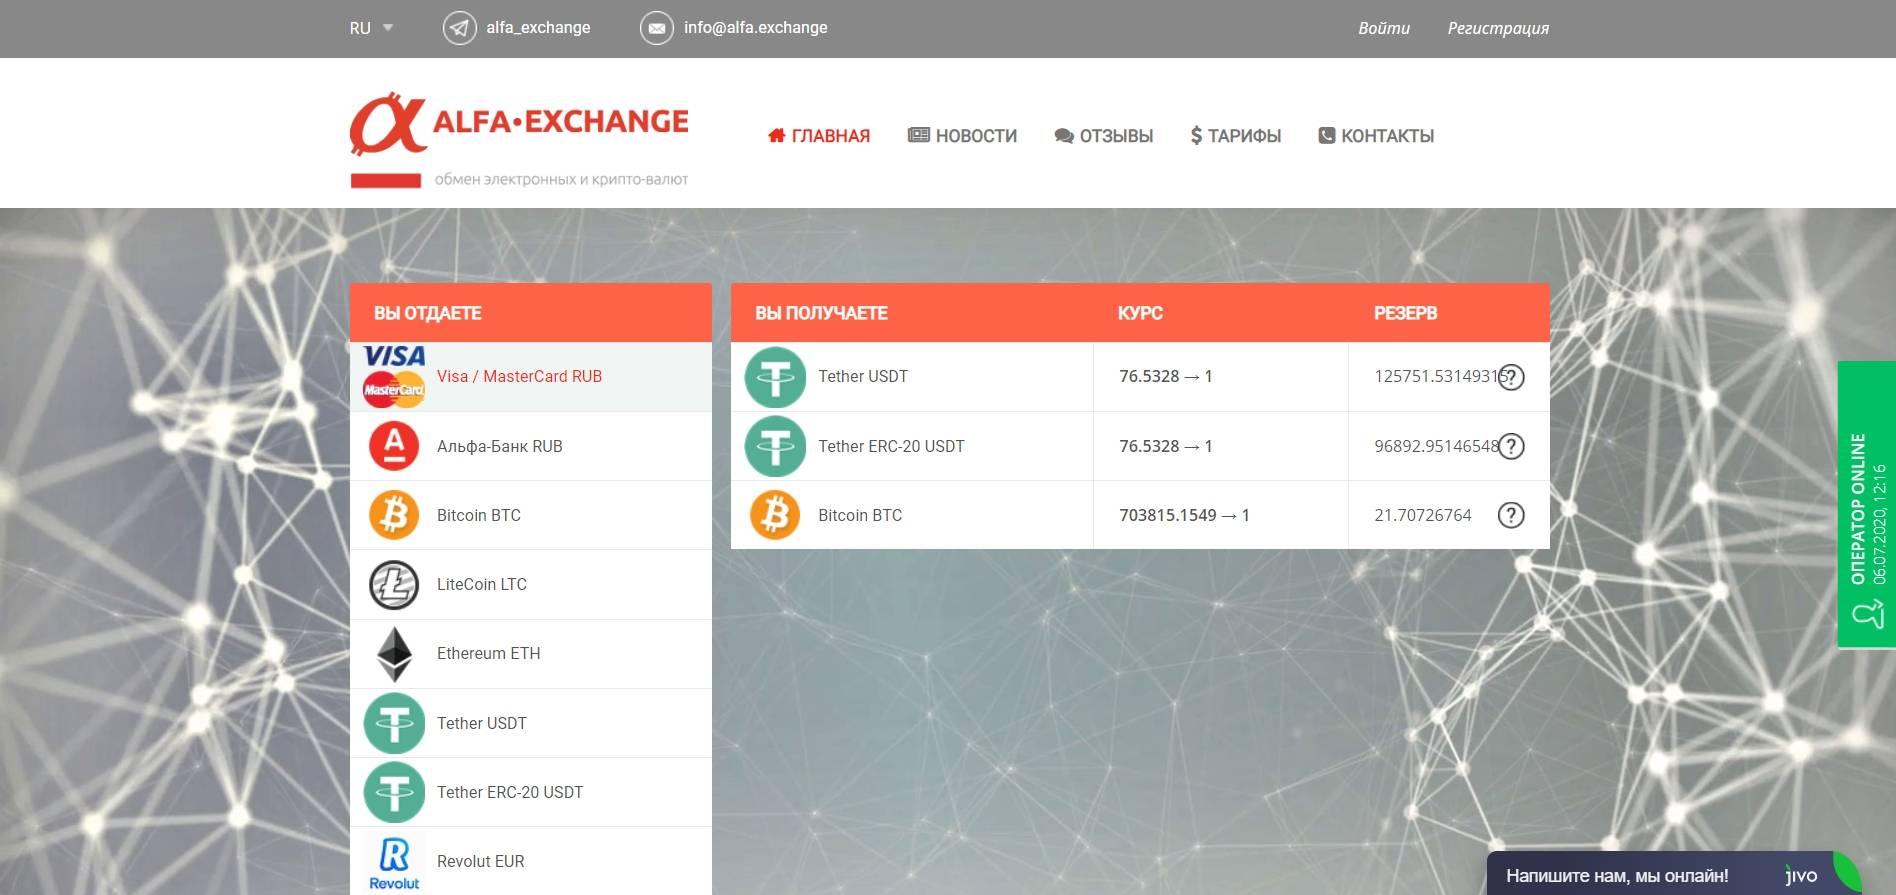 Alfa.Exchange